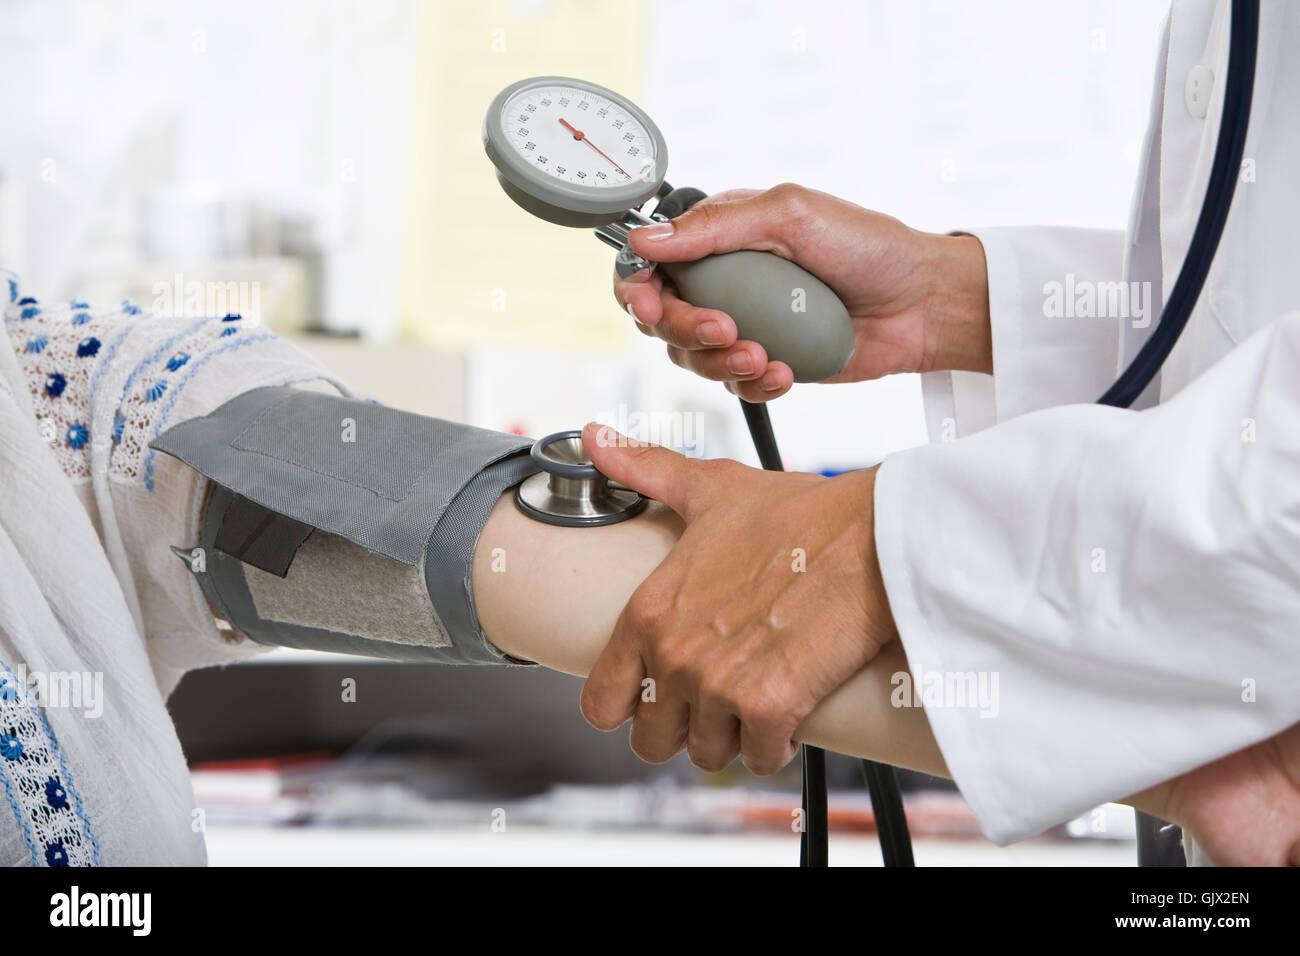 Medición de la presión arterial Imagen De Stock